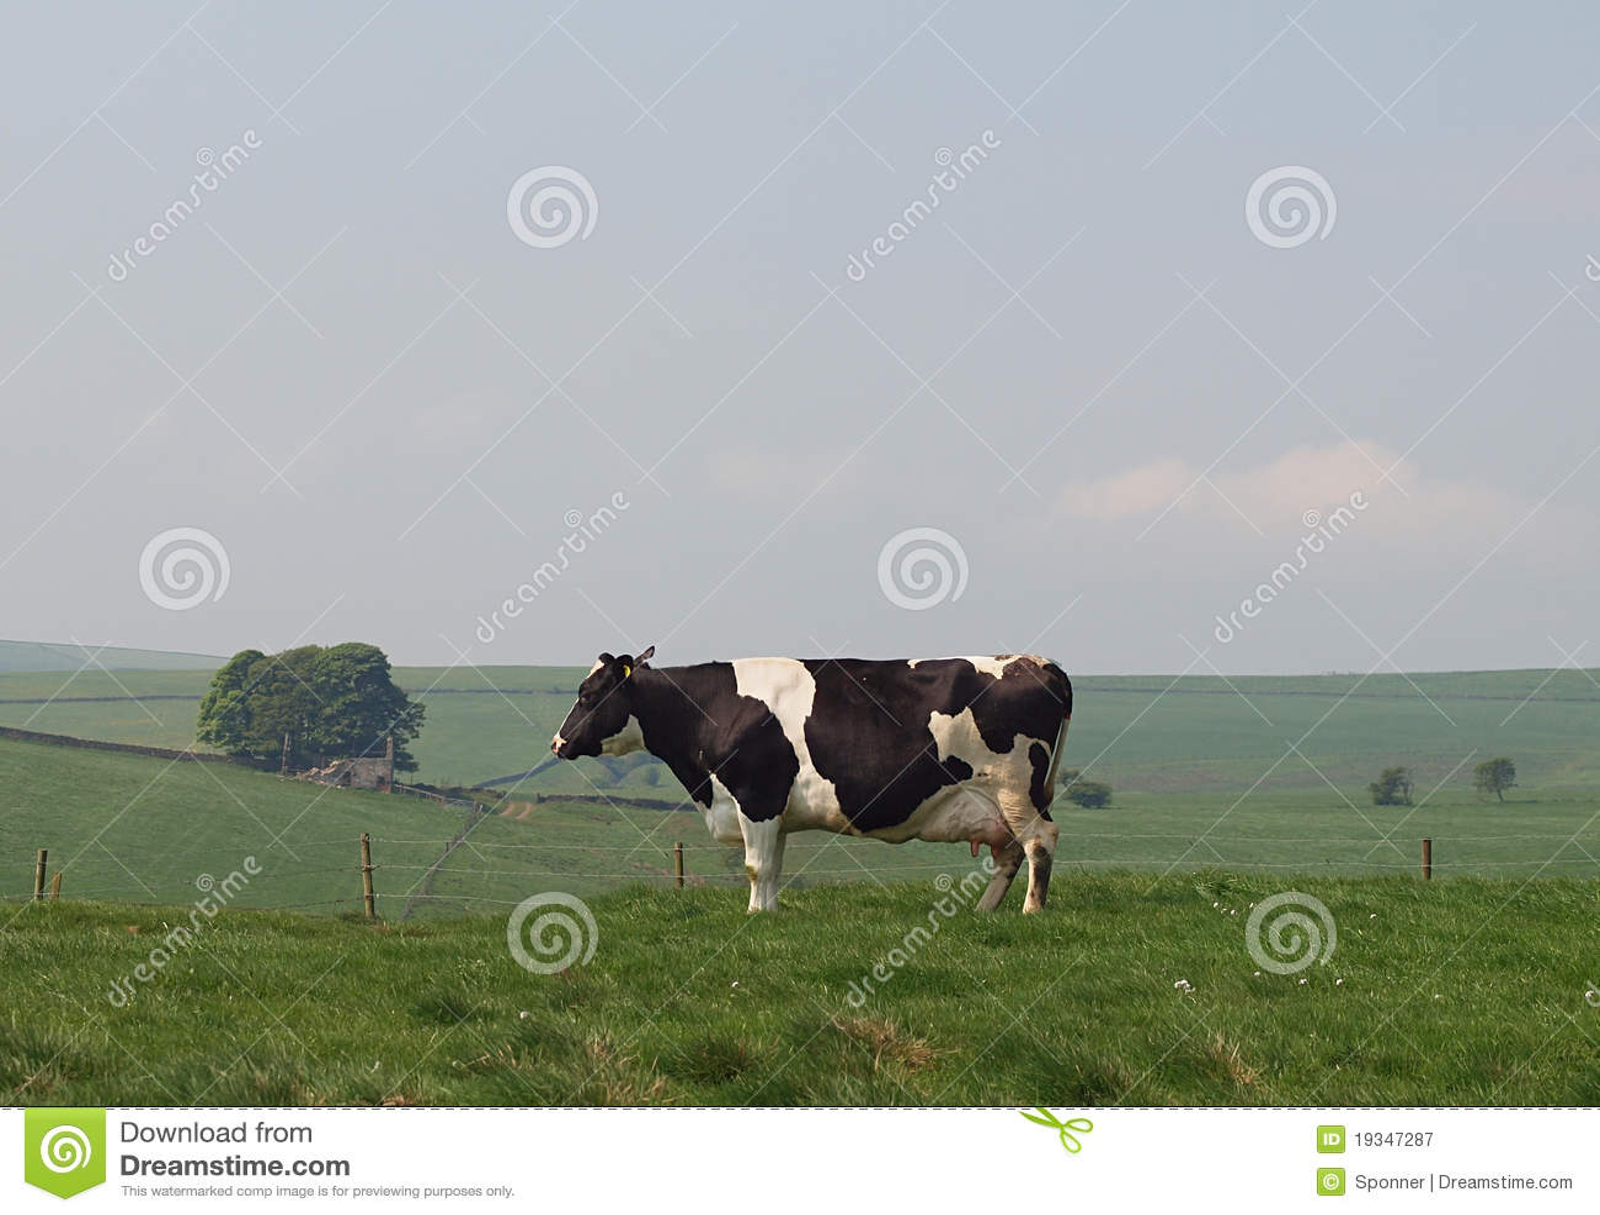 母牛牛奶店黑白花牛草甸山地